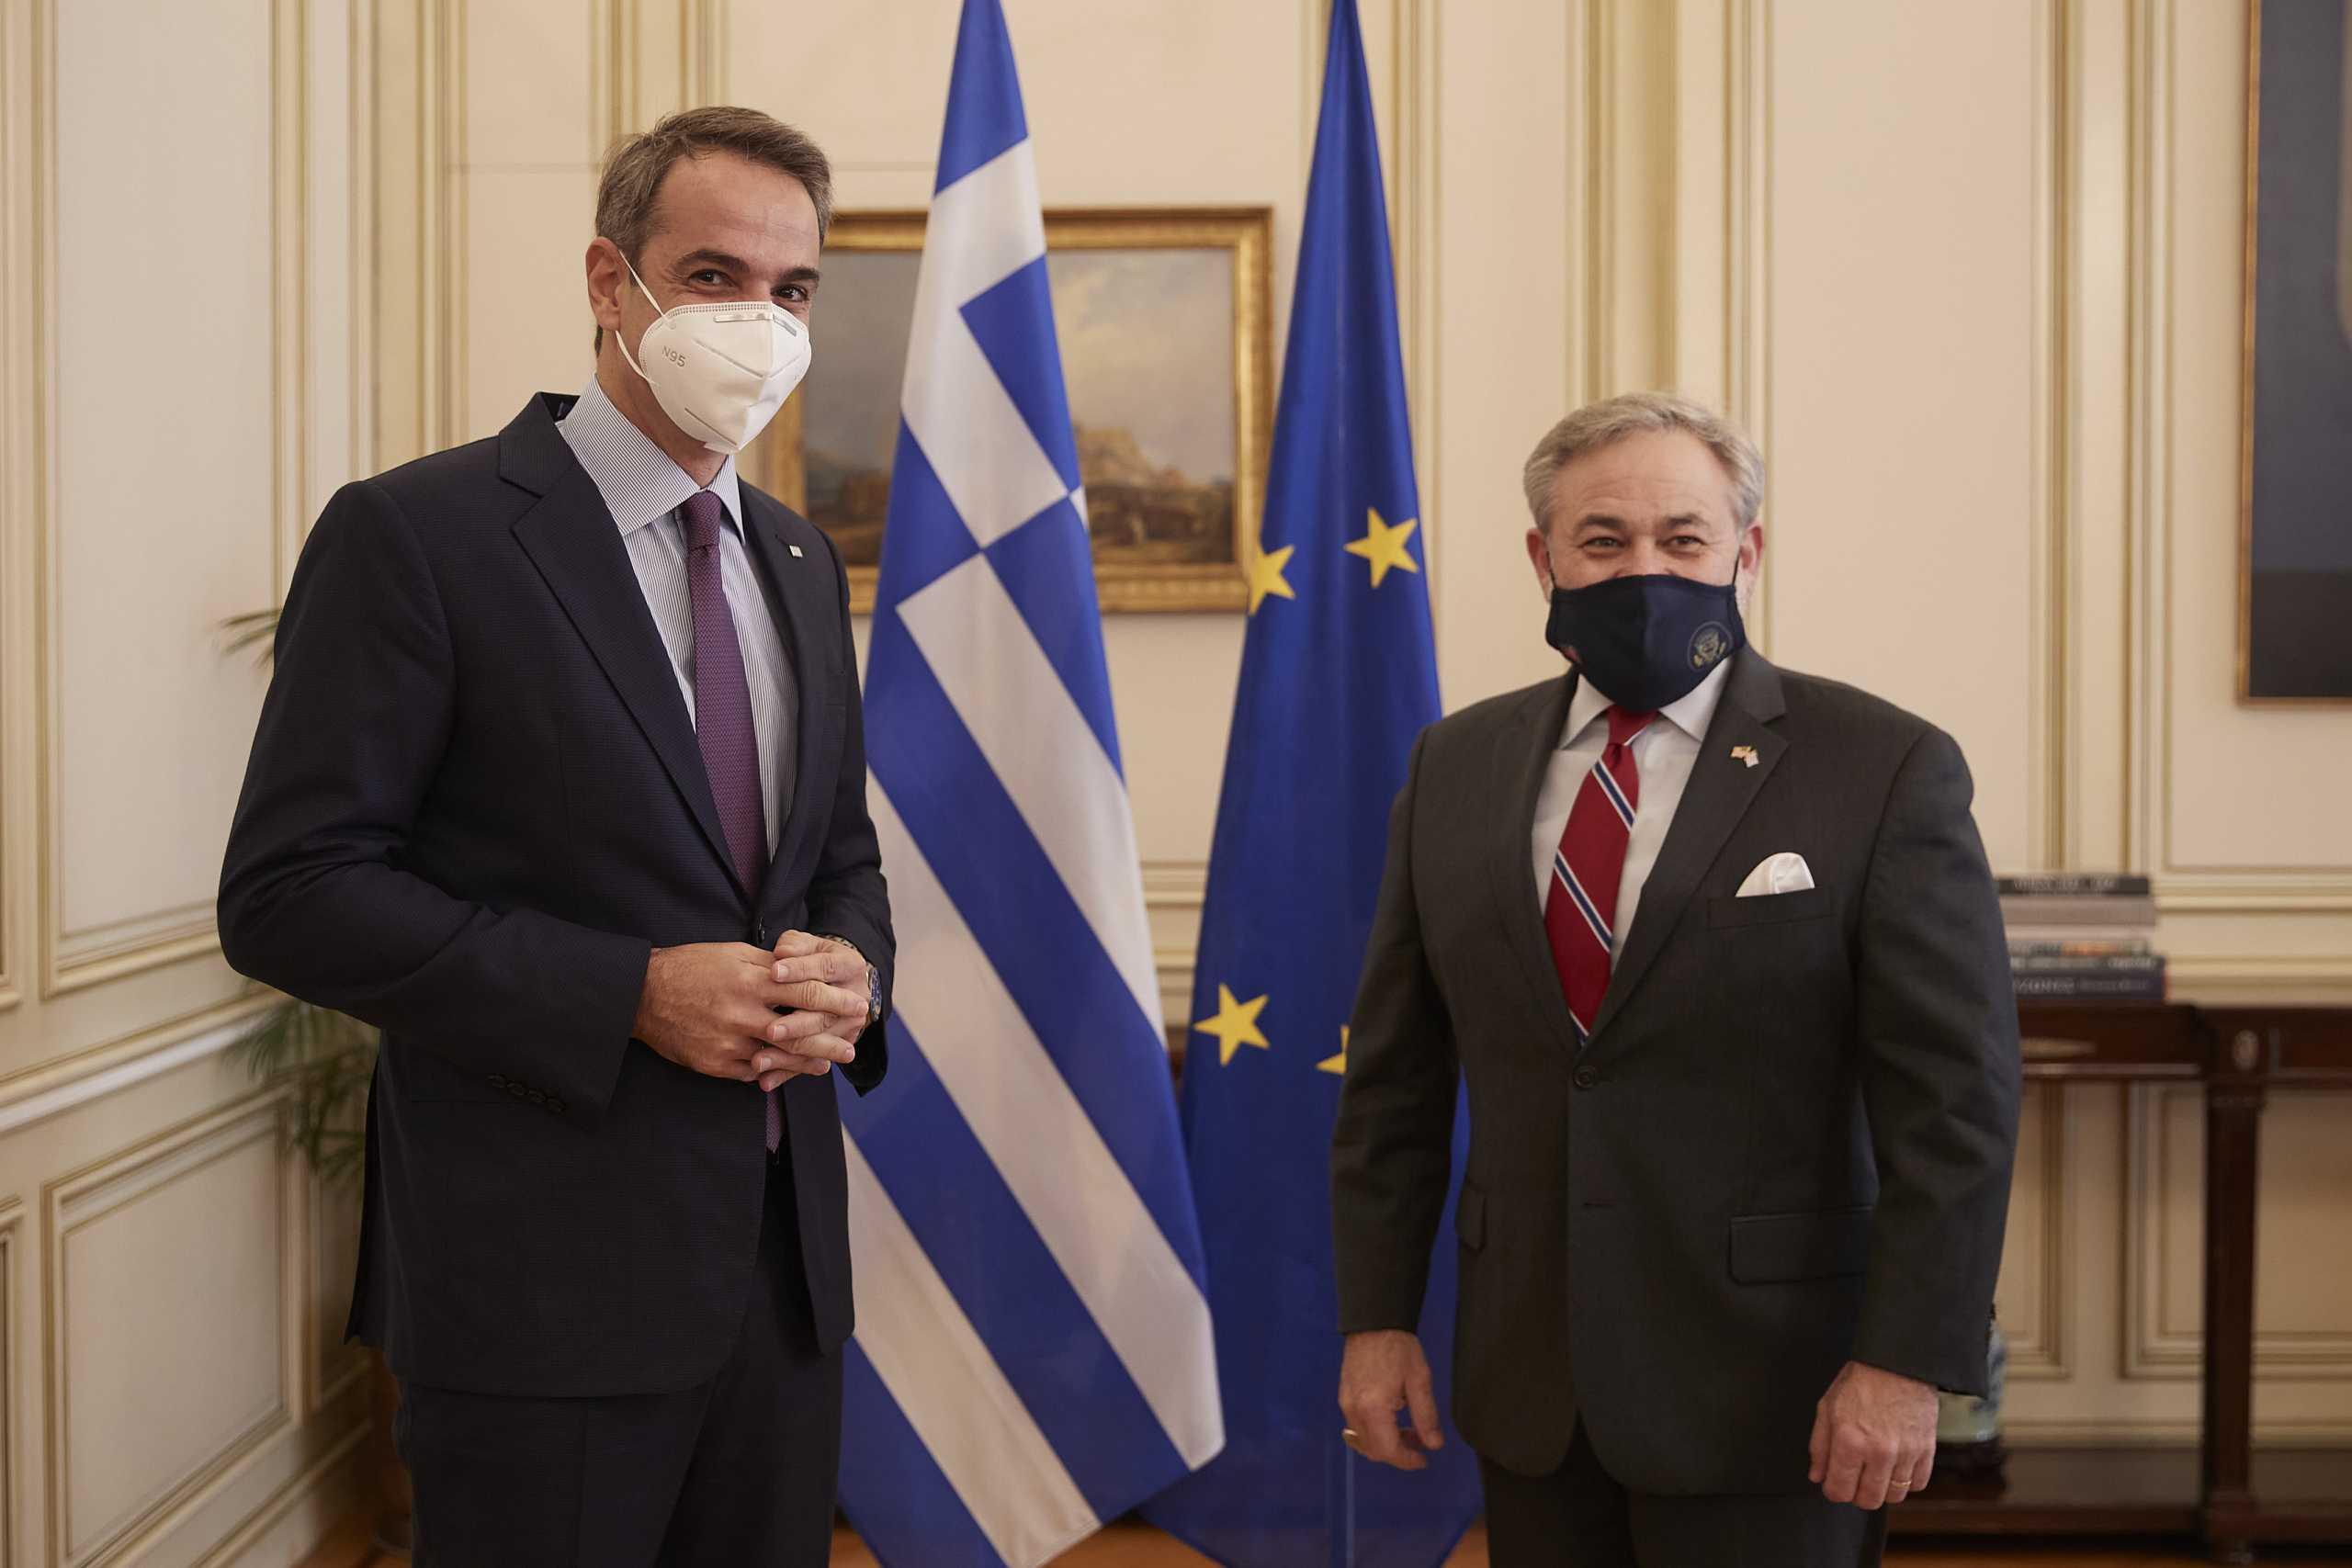 Συνάντηση Μητσοτάκη με τον υπ. Ενέργειας των ΗΠΑ – Ενίσχυση των αμερικανικών επενδύσεων στην Ελλάδα (pics)